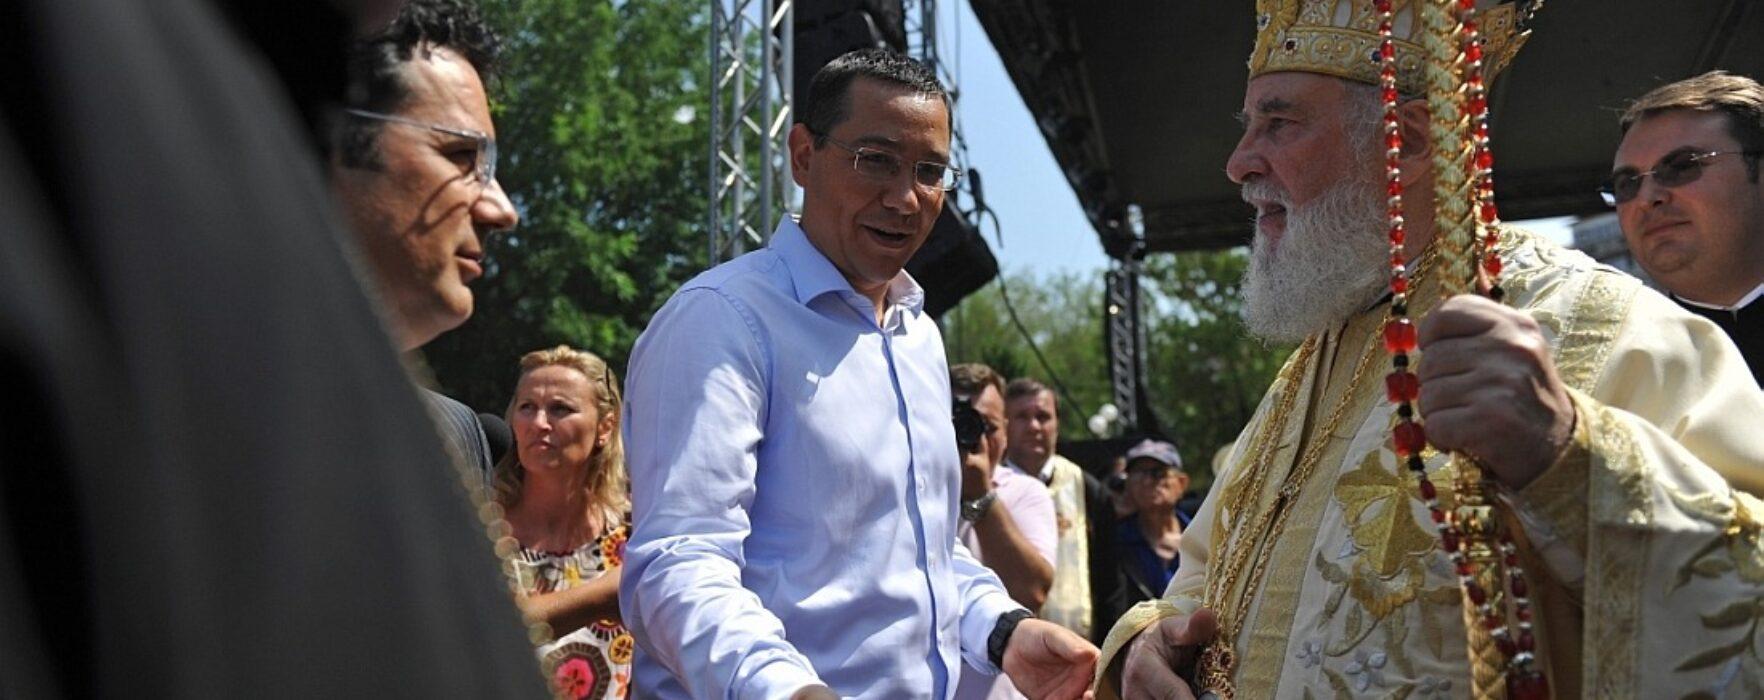 Victor Ponta: M-am bucurat să particip la sărbătorirea Sf. Nifon la Târgovişte